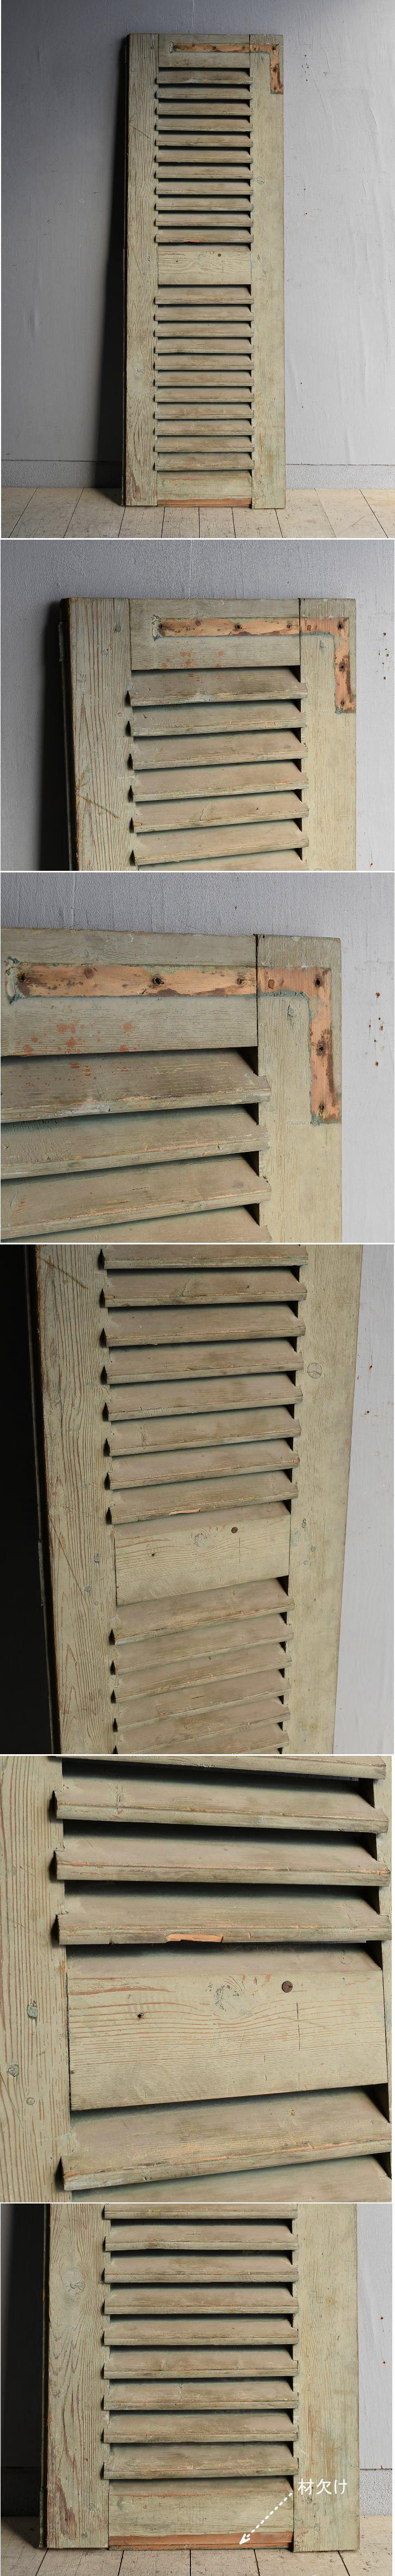 ルーマニア製 アンティーク 木製ルーバー雨戸 ディスプレイ 建具 8365